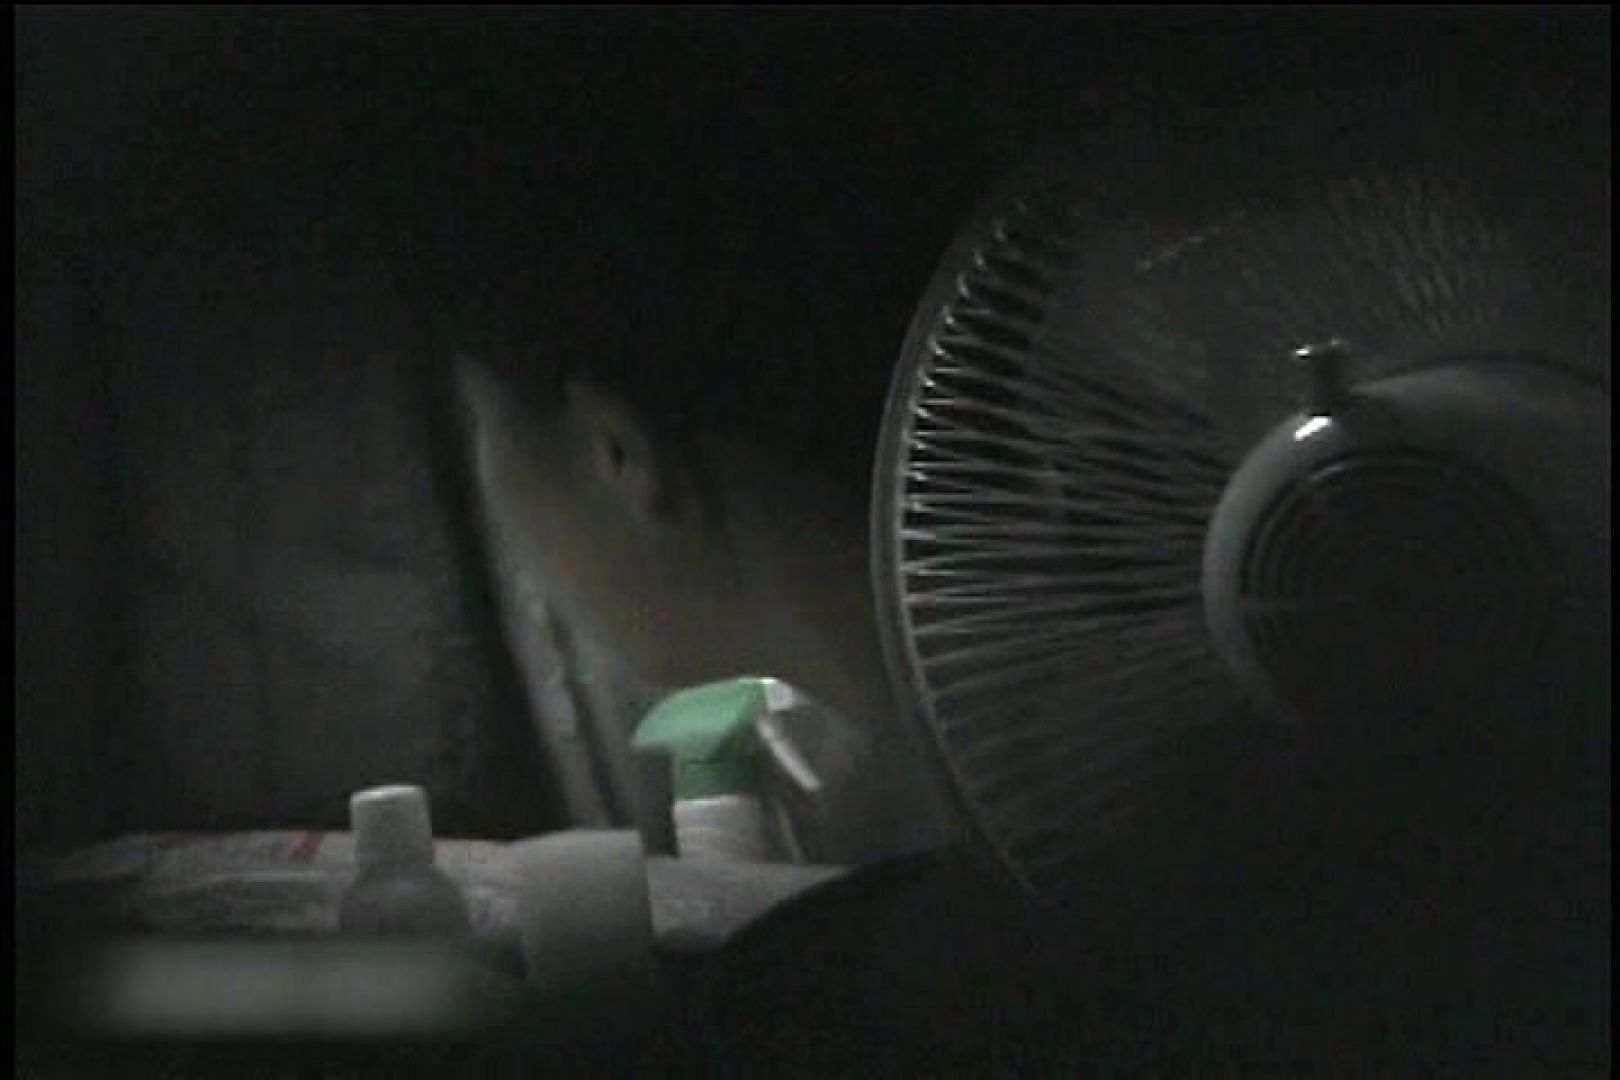 プライベートの極技!!Vol.14 覗き 盗撮動画紹介 65連発 22